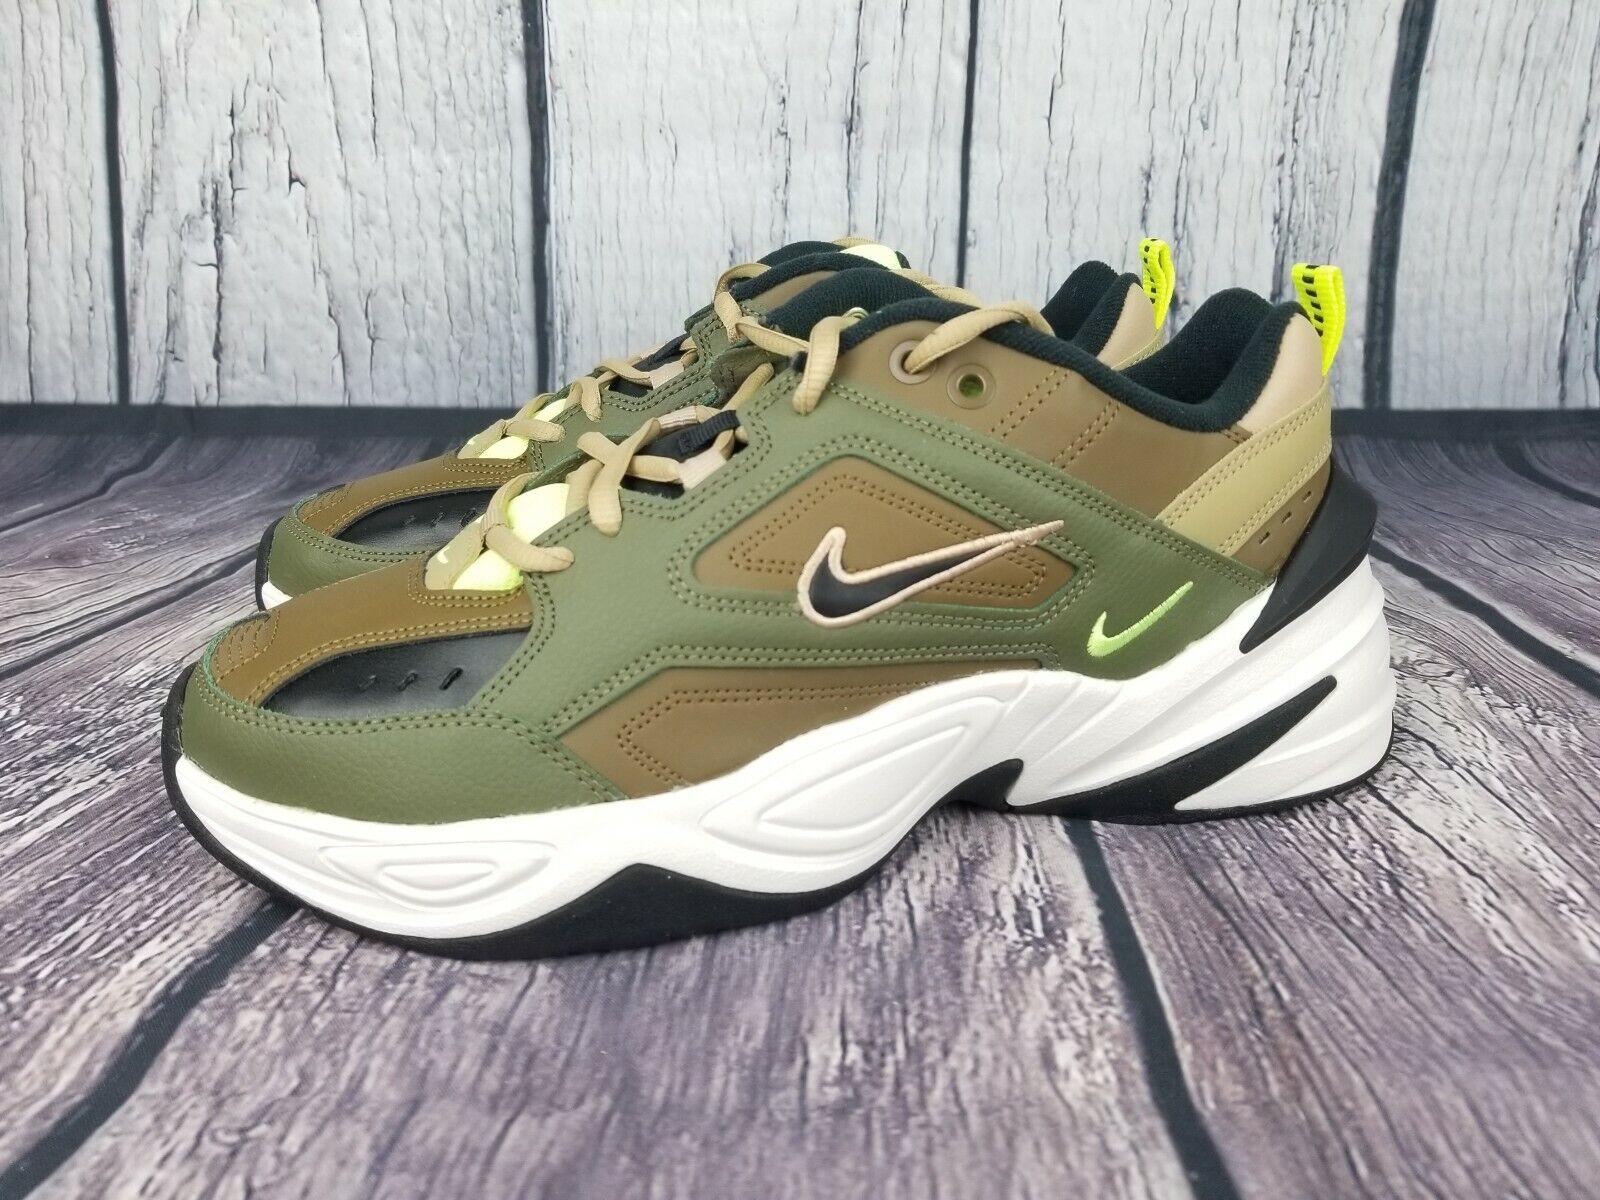 Nike Women's M2K TEKNO Olive Black AO3108-201 Size 10